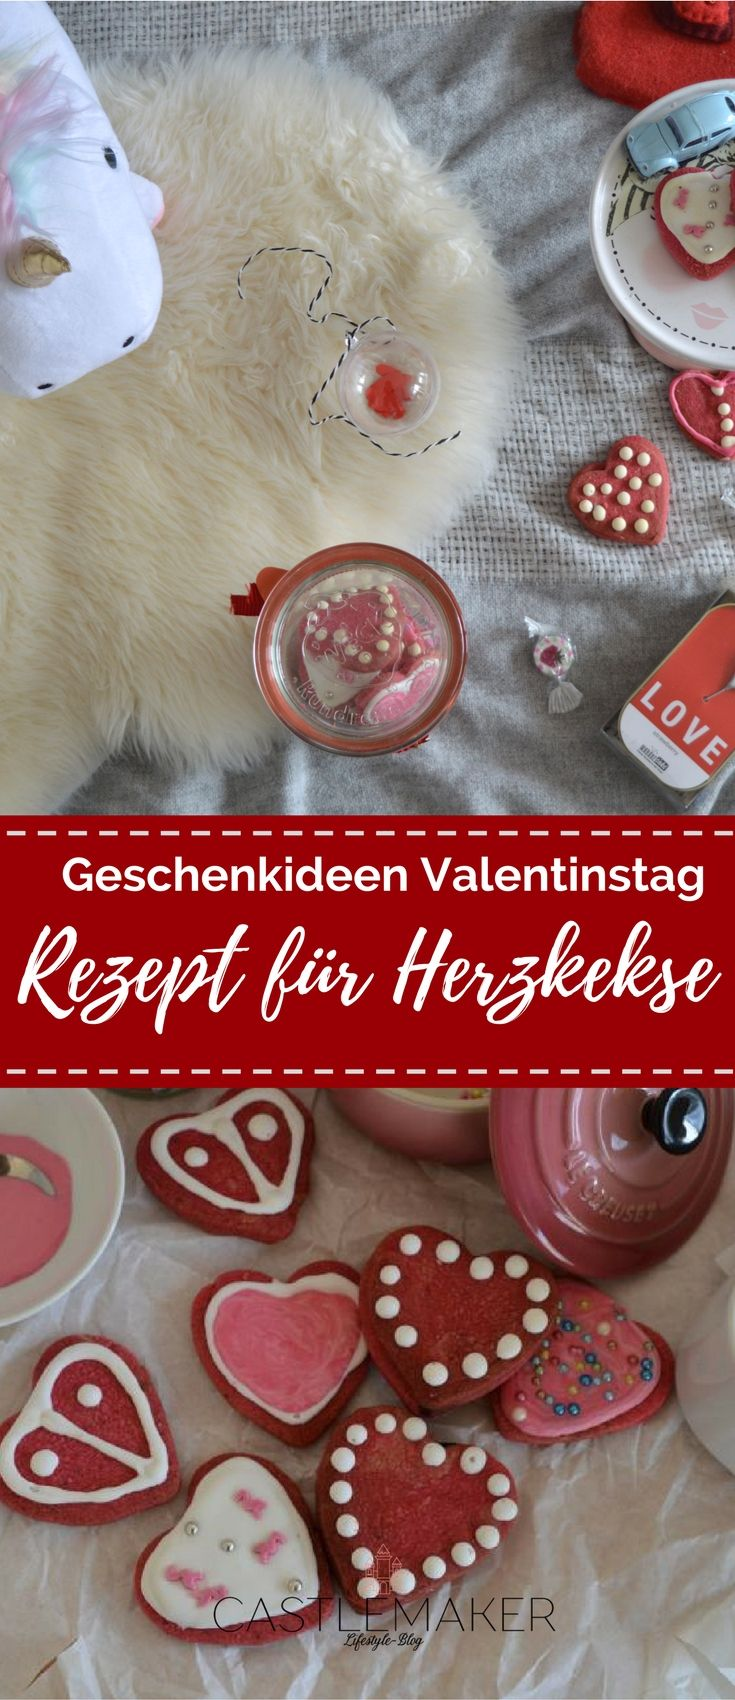 Geschnkeideen zum Valentinstag. Wie wäre es mit selbstgebackenen Herzkeksen schon verziert mit Royal Icing? Das Rezept dazu und viele weitere Geschenktipps gibt es nun auf meinem Blog: Anzeige #cookies #kekse #rezept #valentinstag